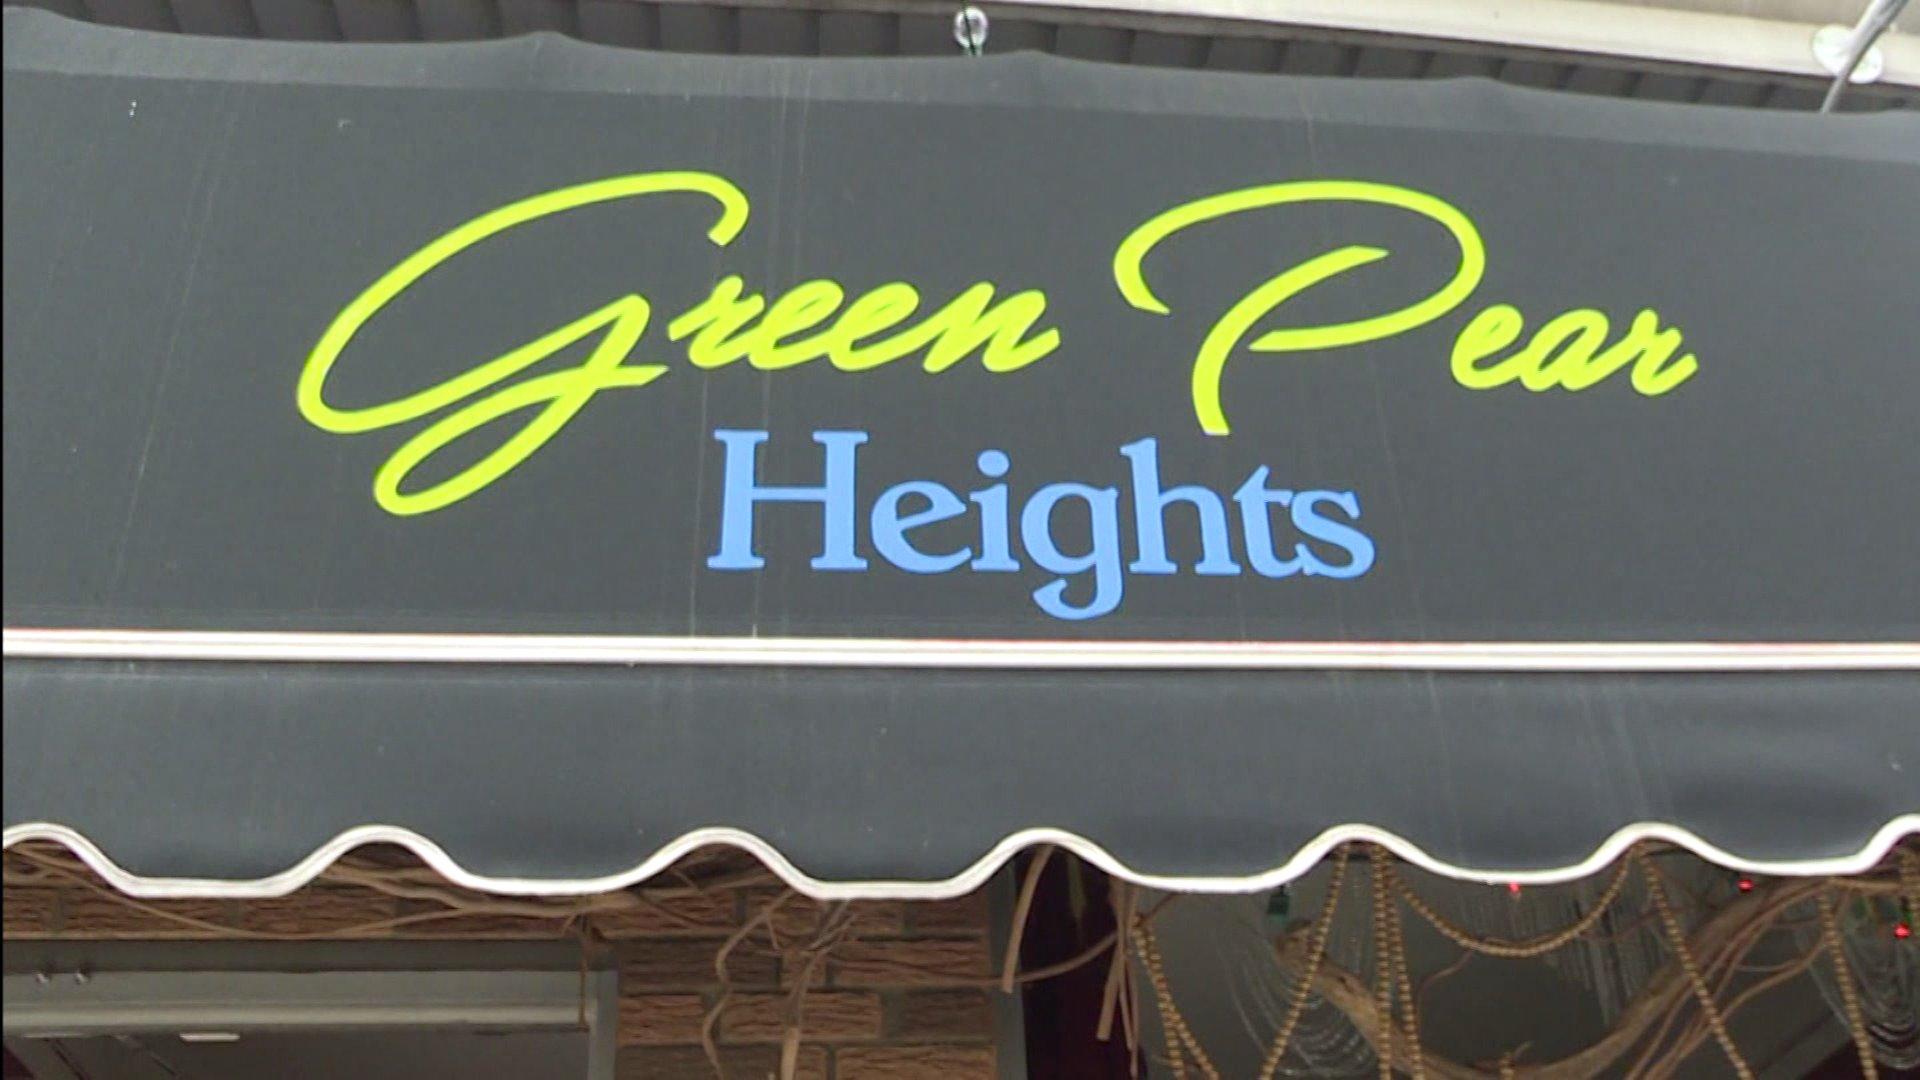 GreenPearHeights